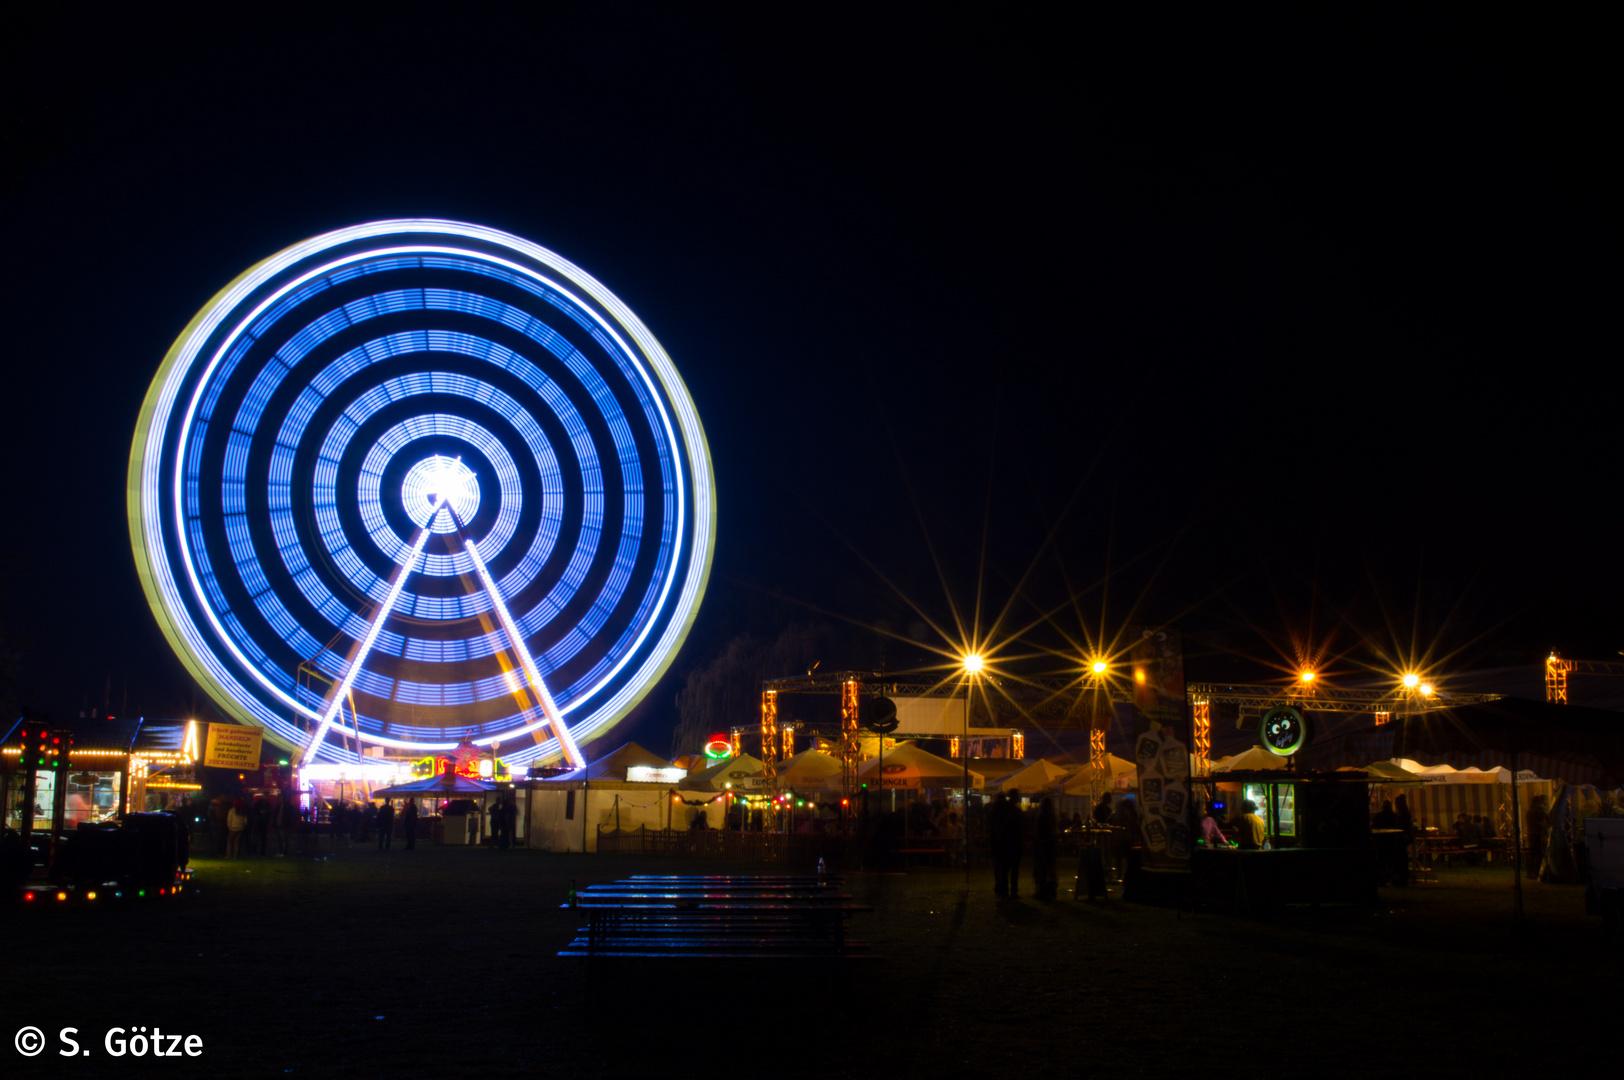 Riesenrad zum Laternenfest in Halle (2014)